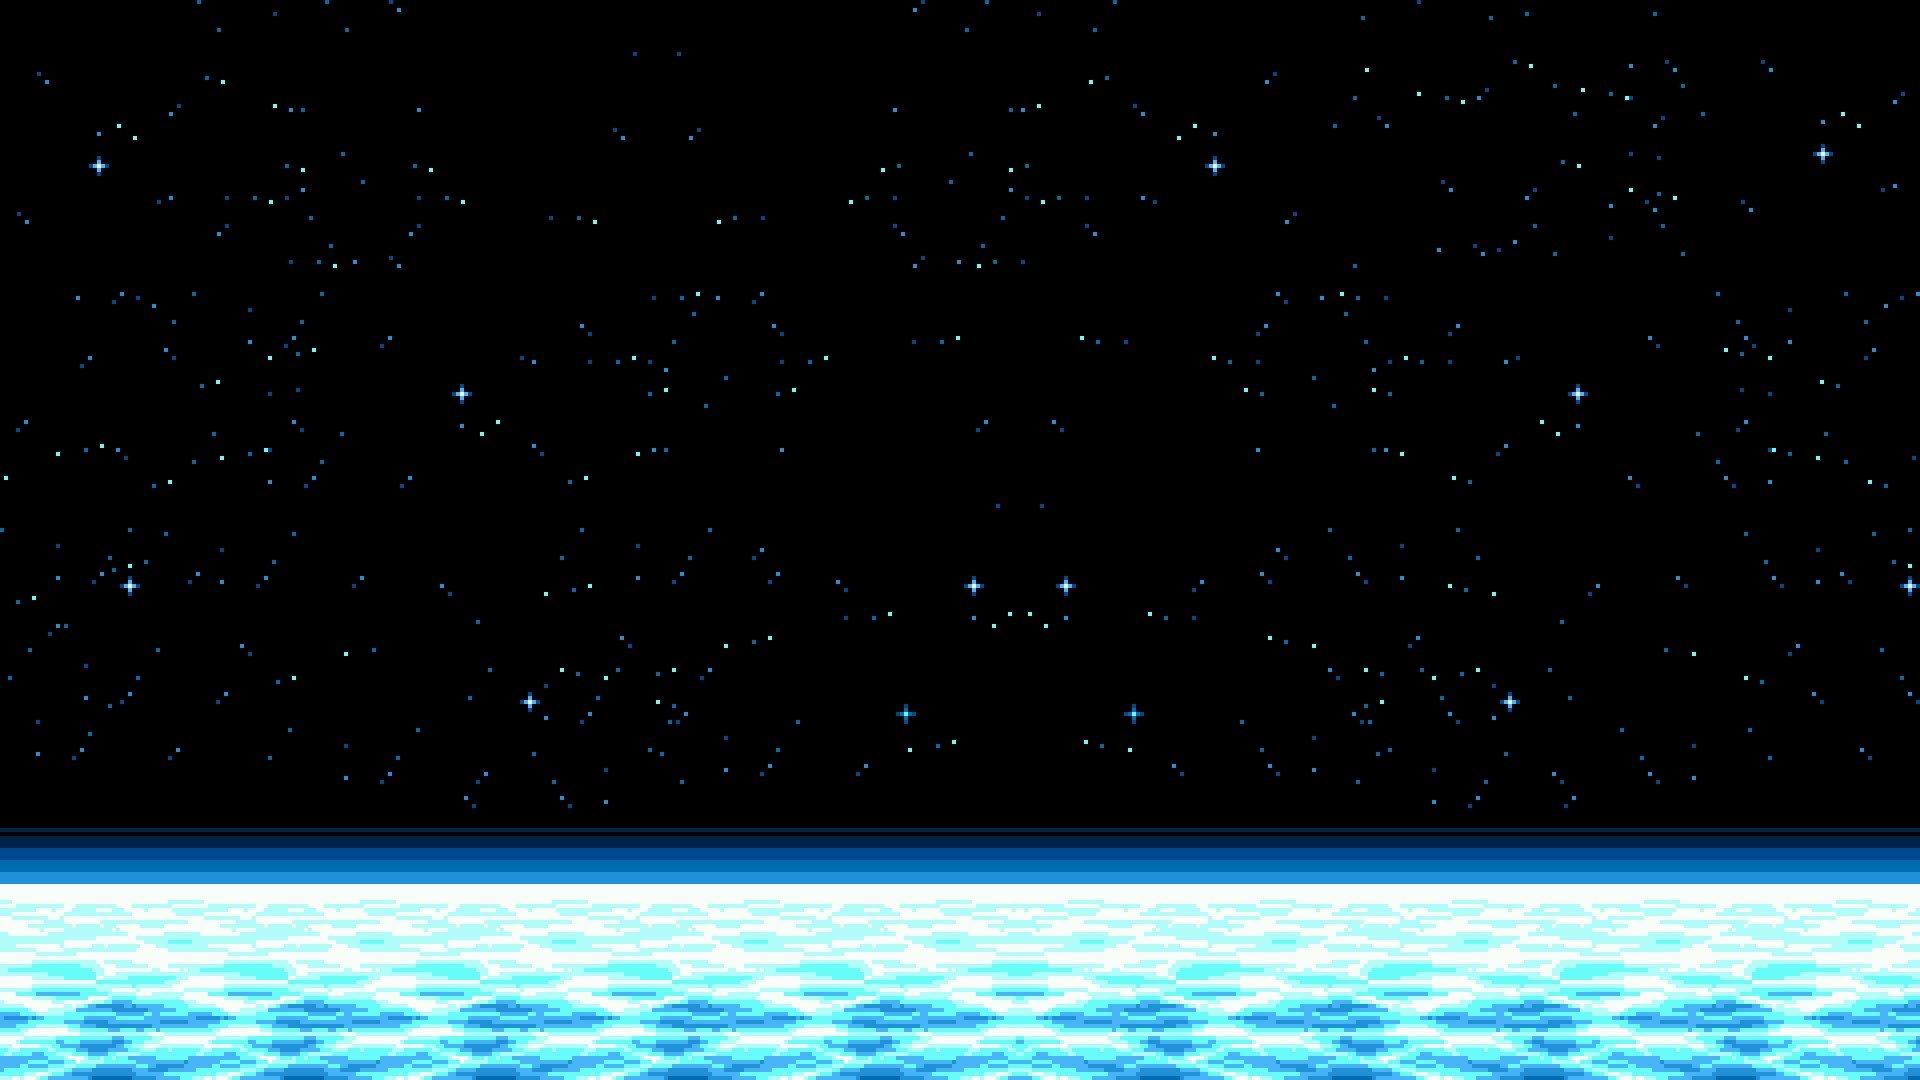 Galaxy Wallpaper 1200x380